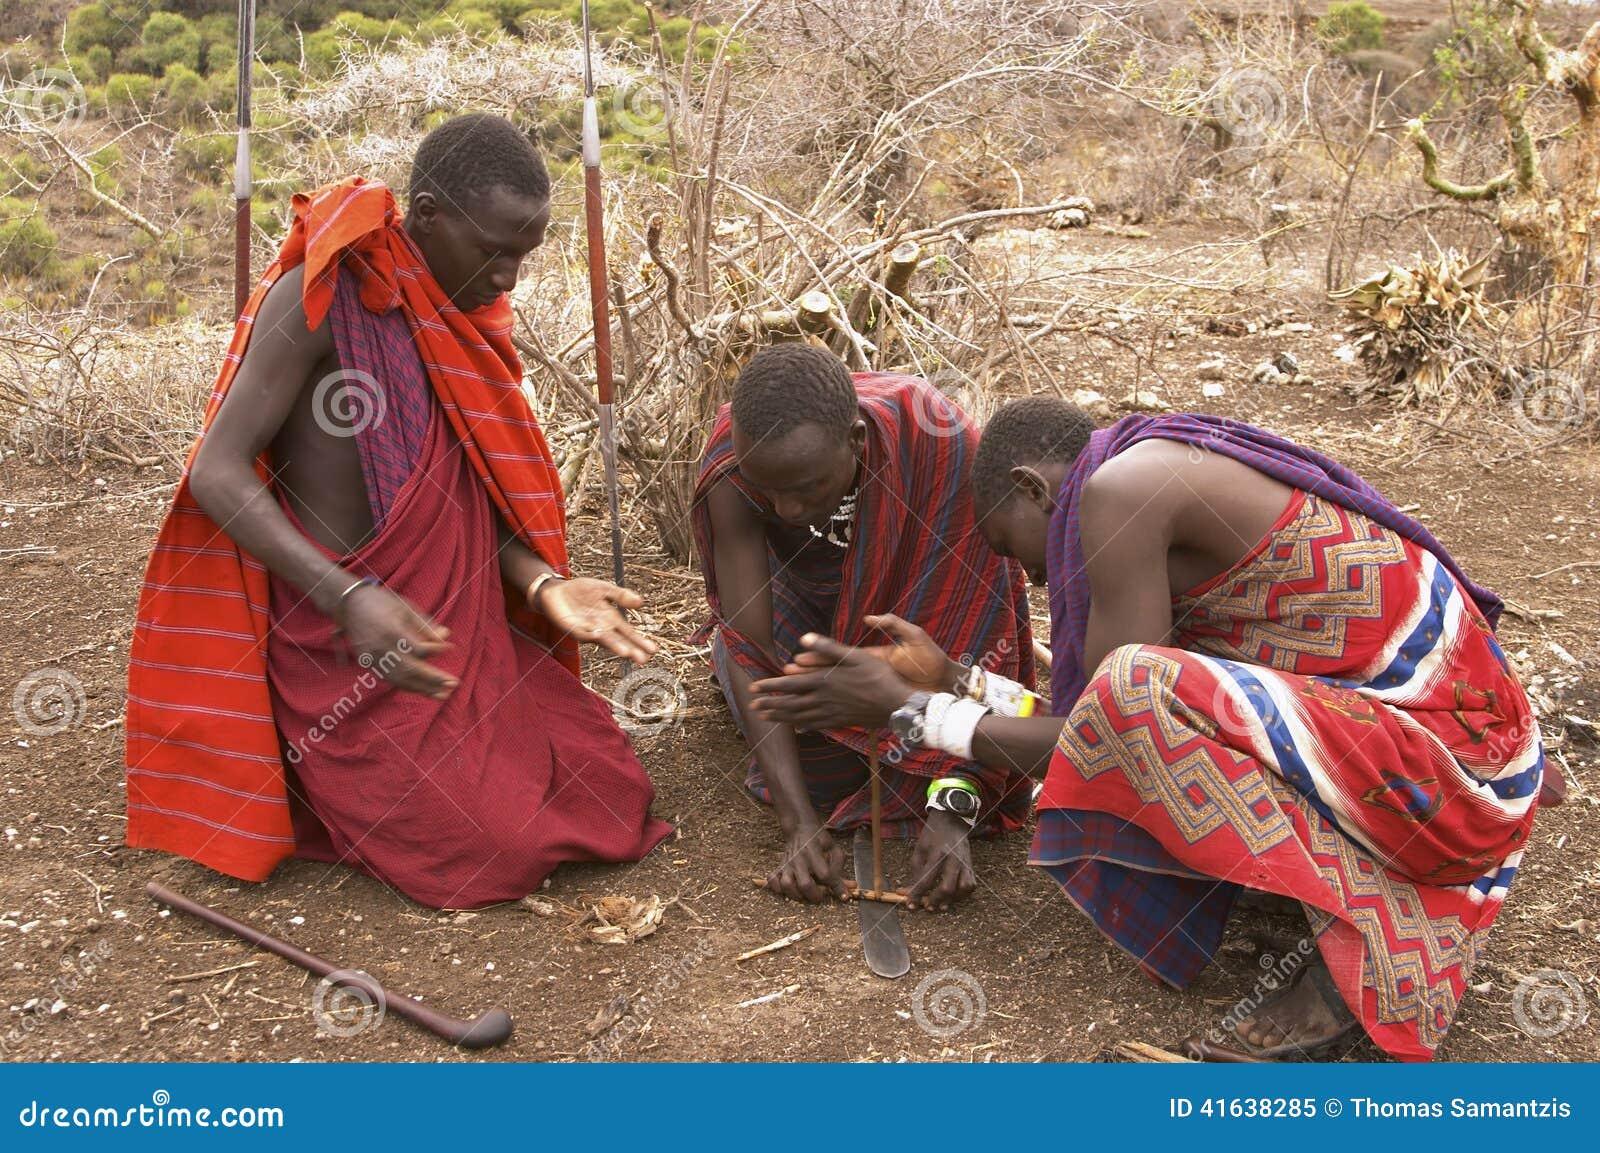 Masai warriors lighting fire